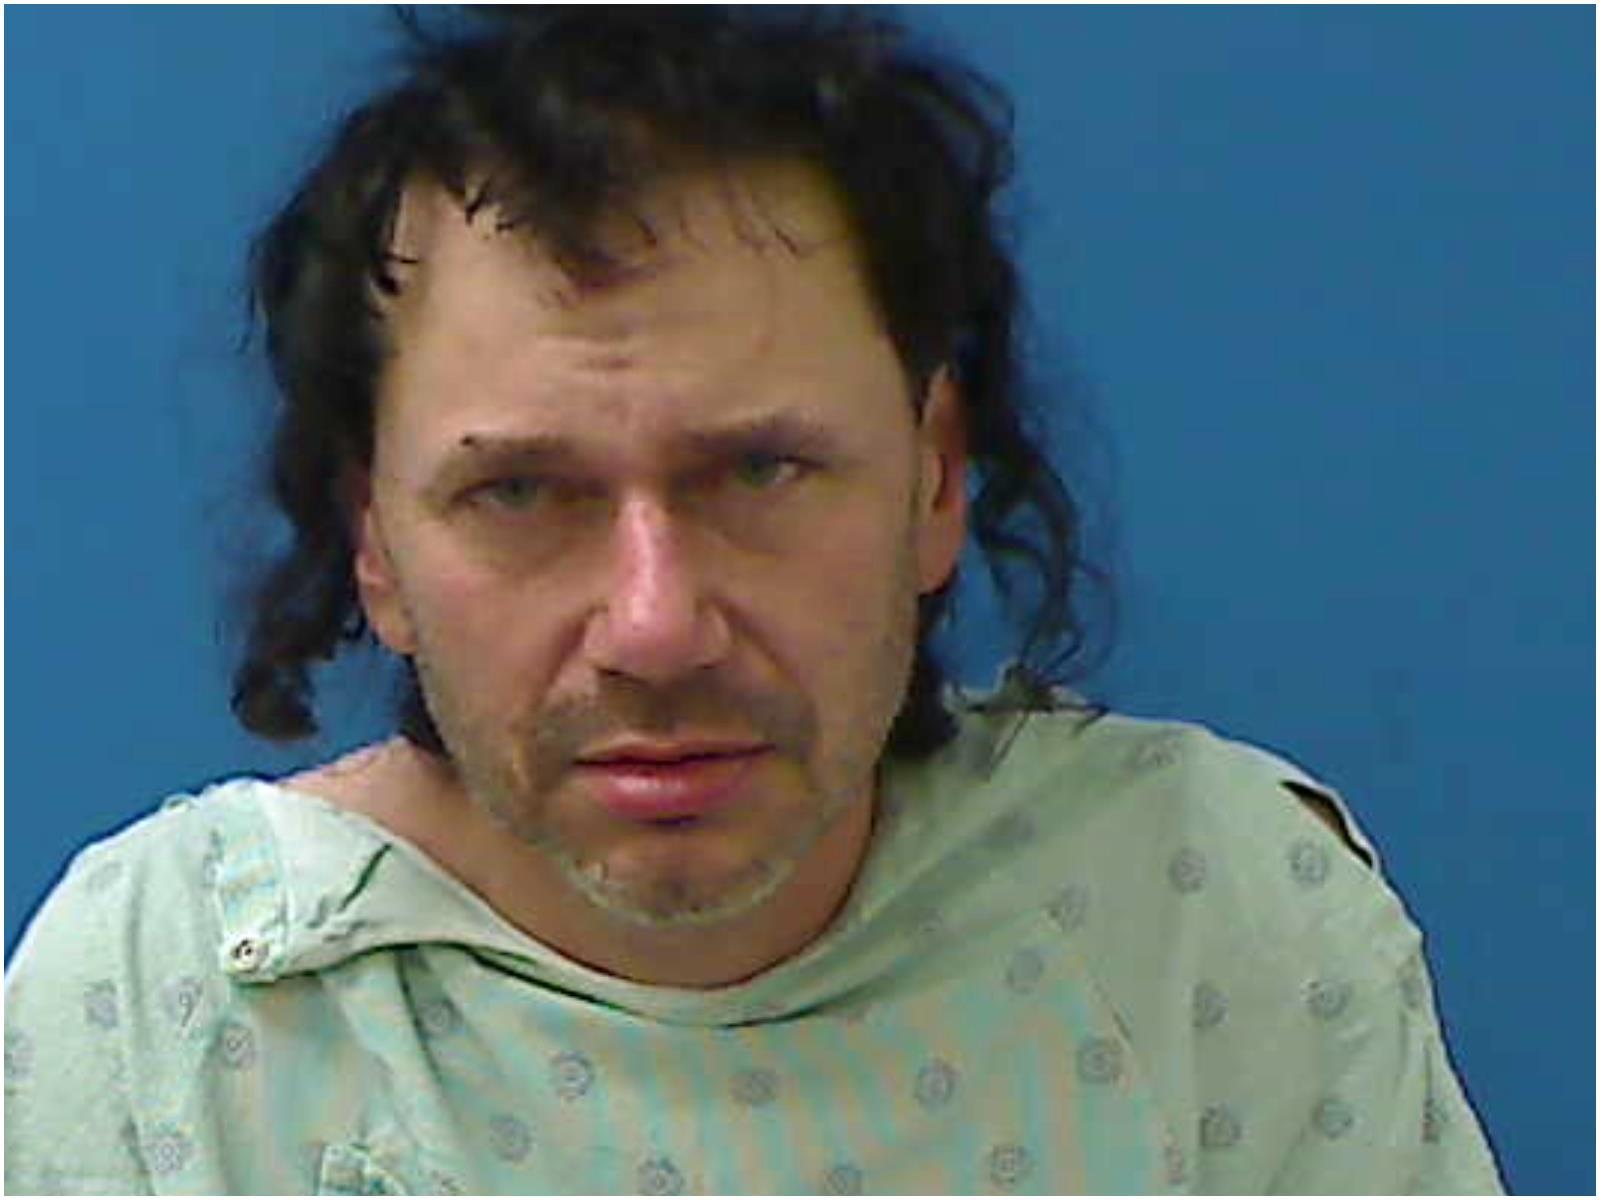 Defendant Joseph Barker